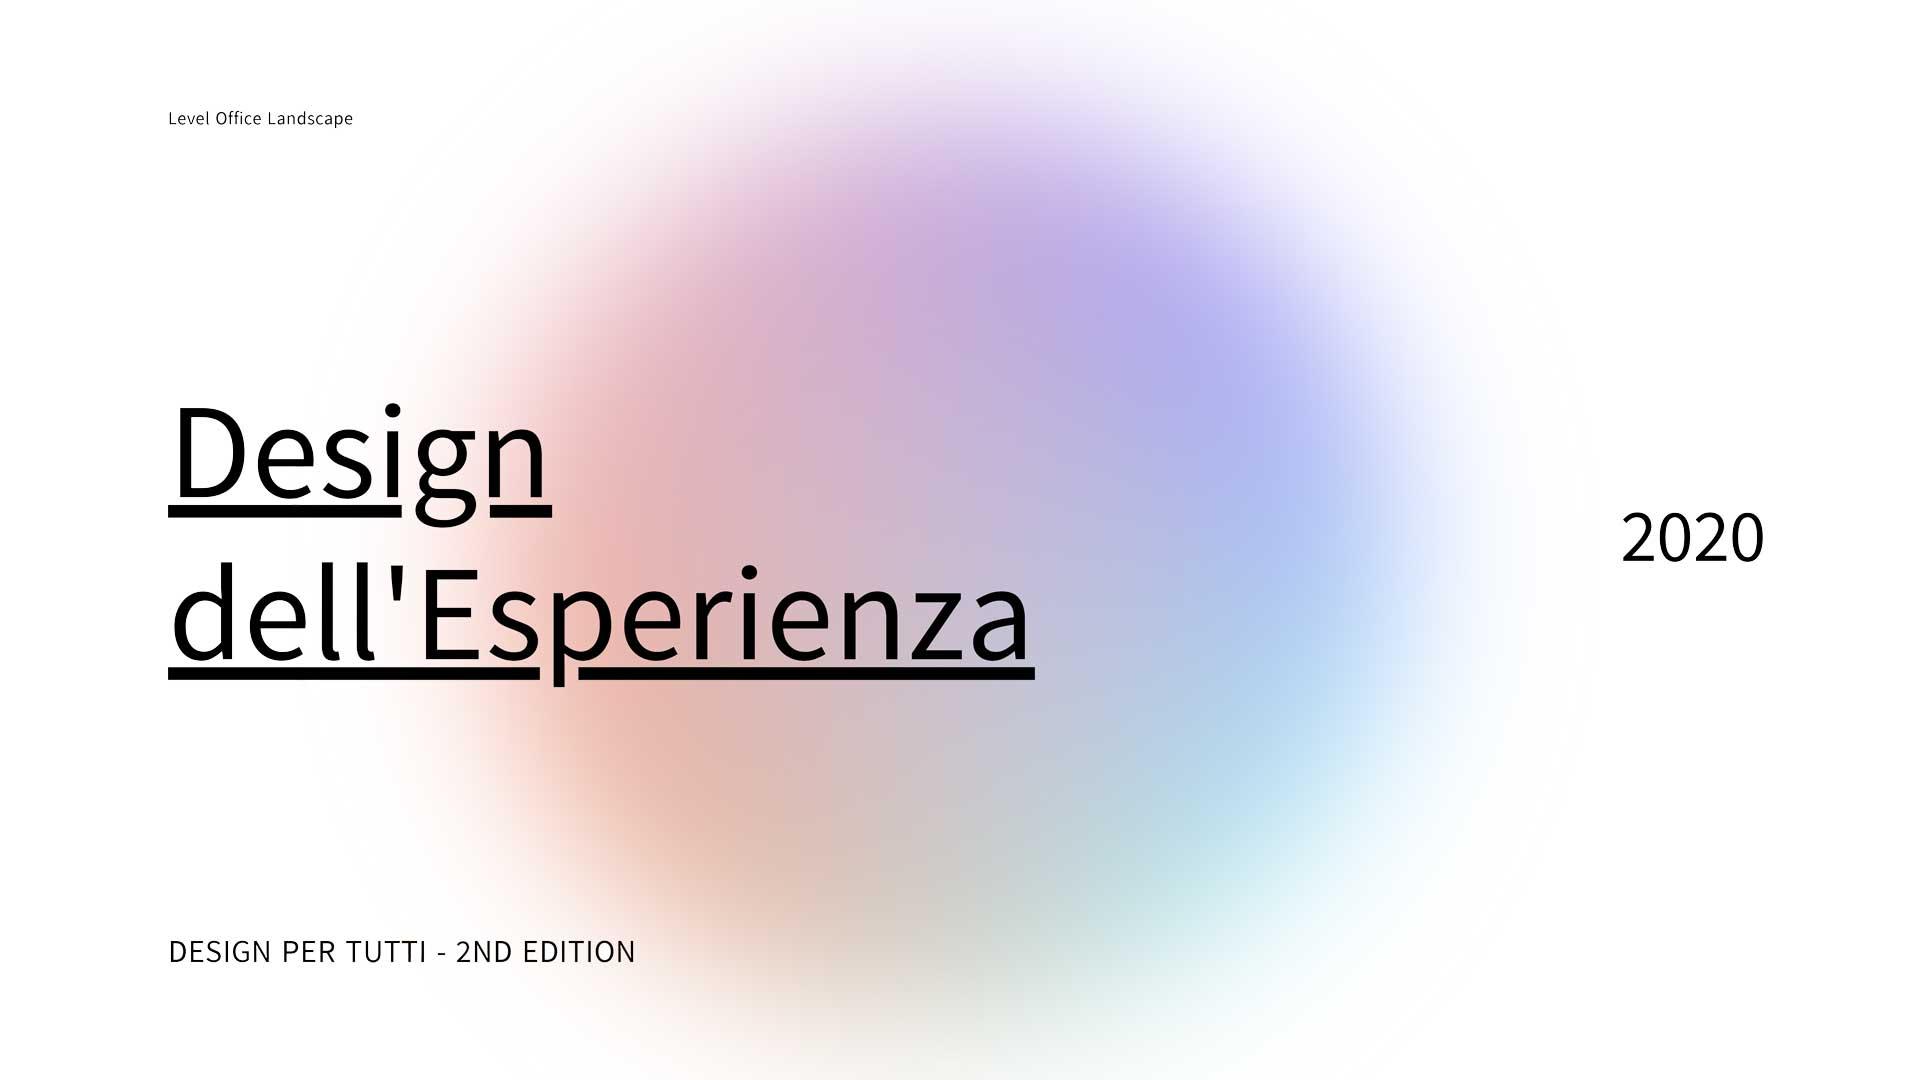 Design-dell'esperienza-Design-per-tutti-Level-Office-Landscape